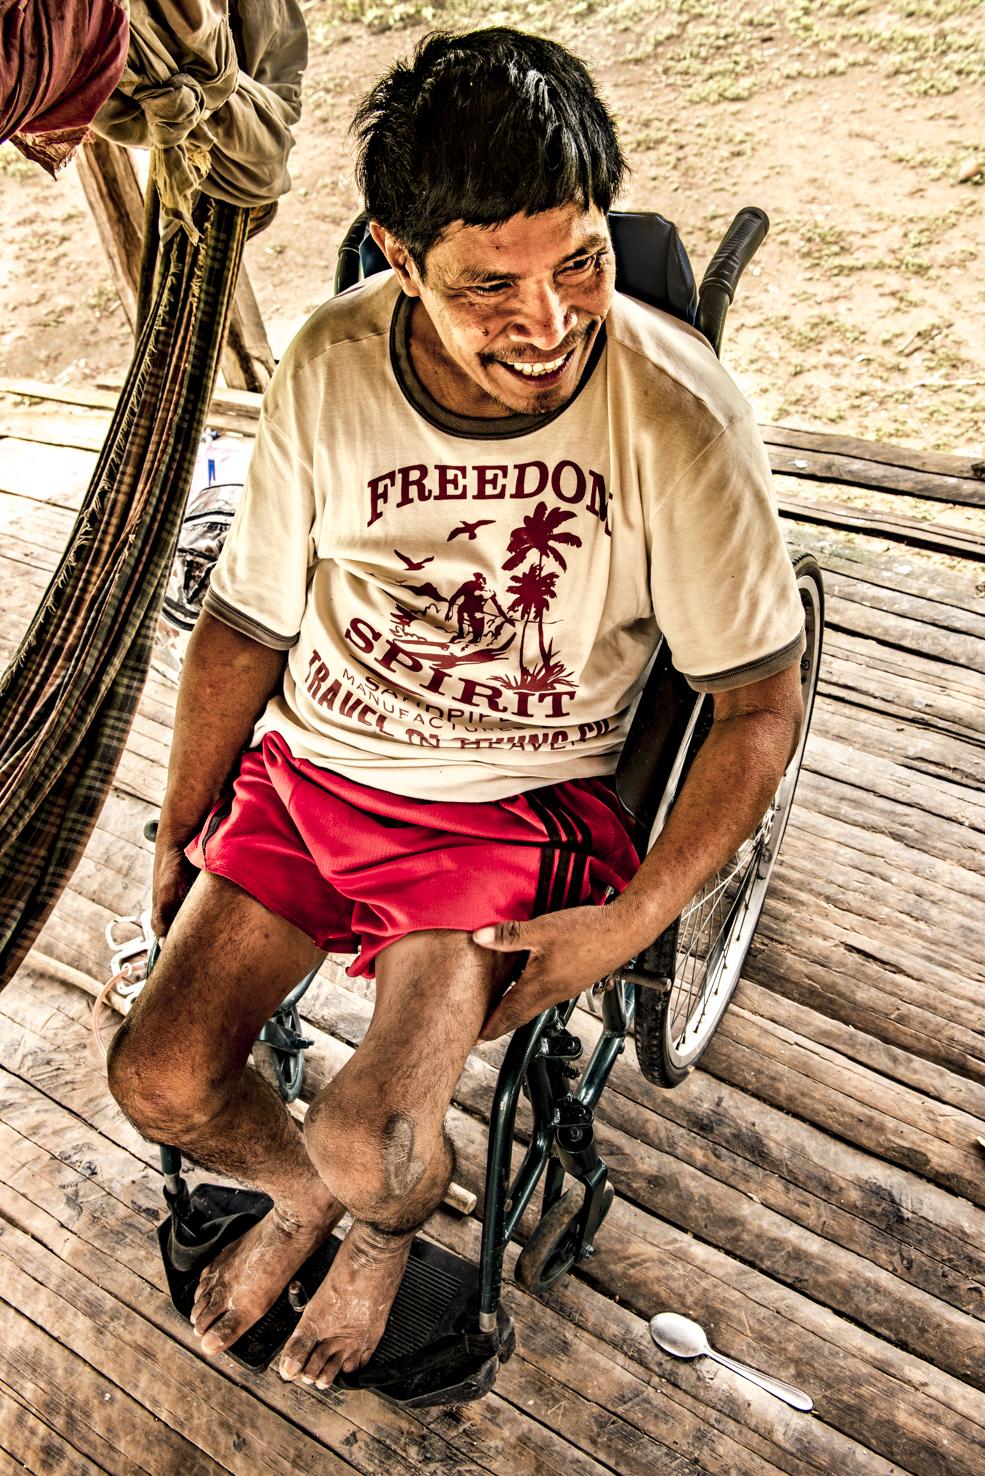 entrega cadeira de rodas, aldeia indigena, freedom spirit